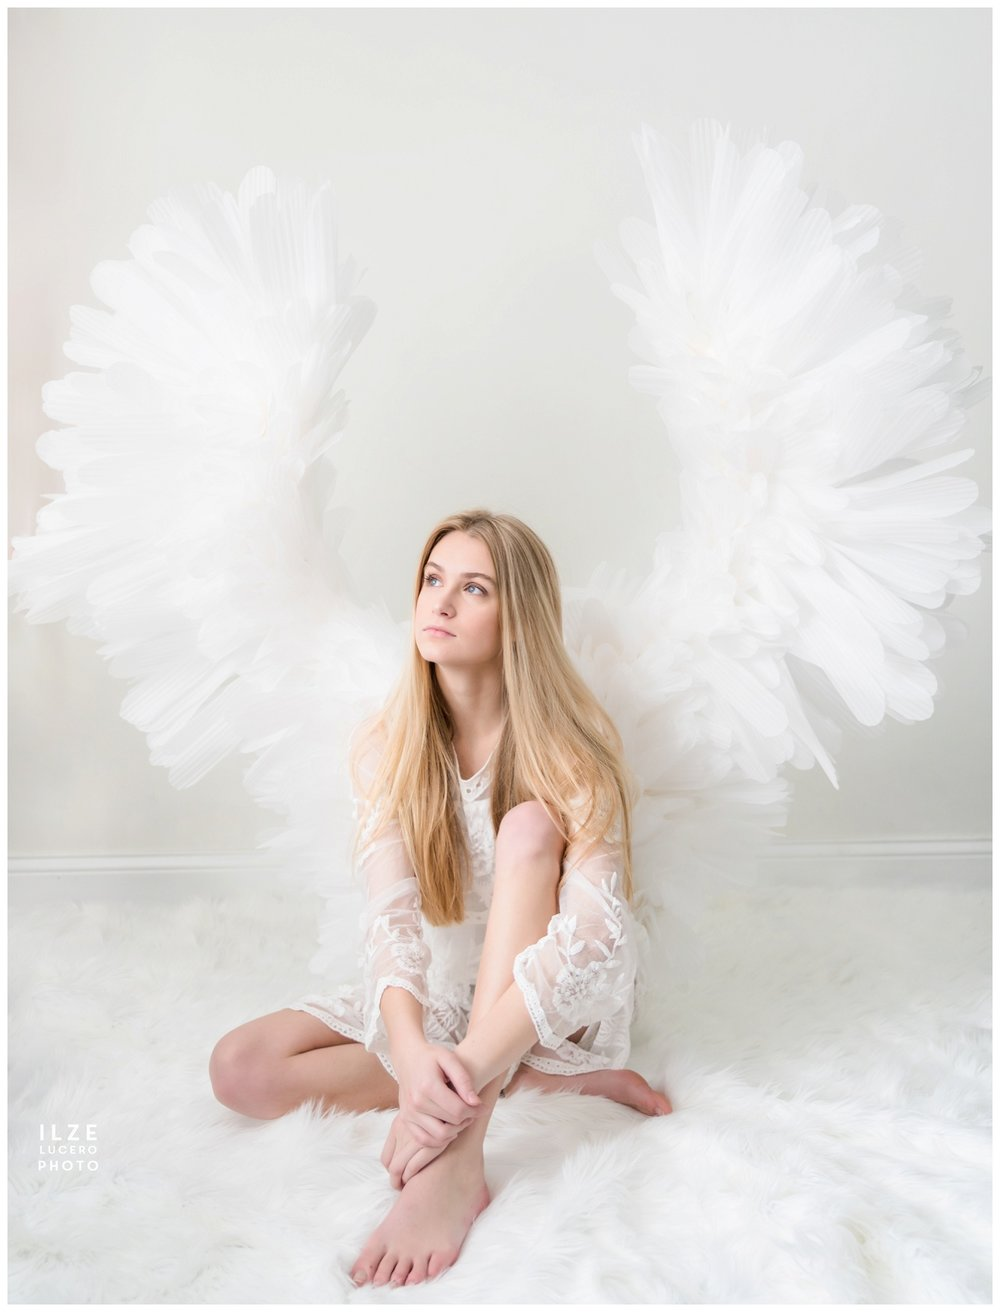 DIY Angel Wings Photo Prop from foam